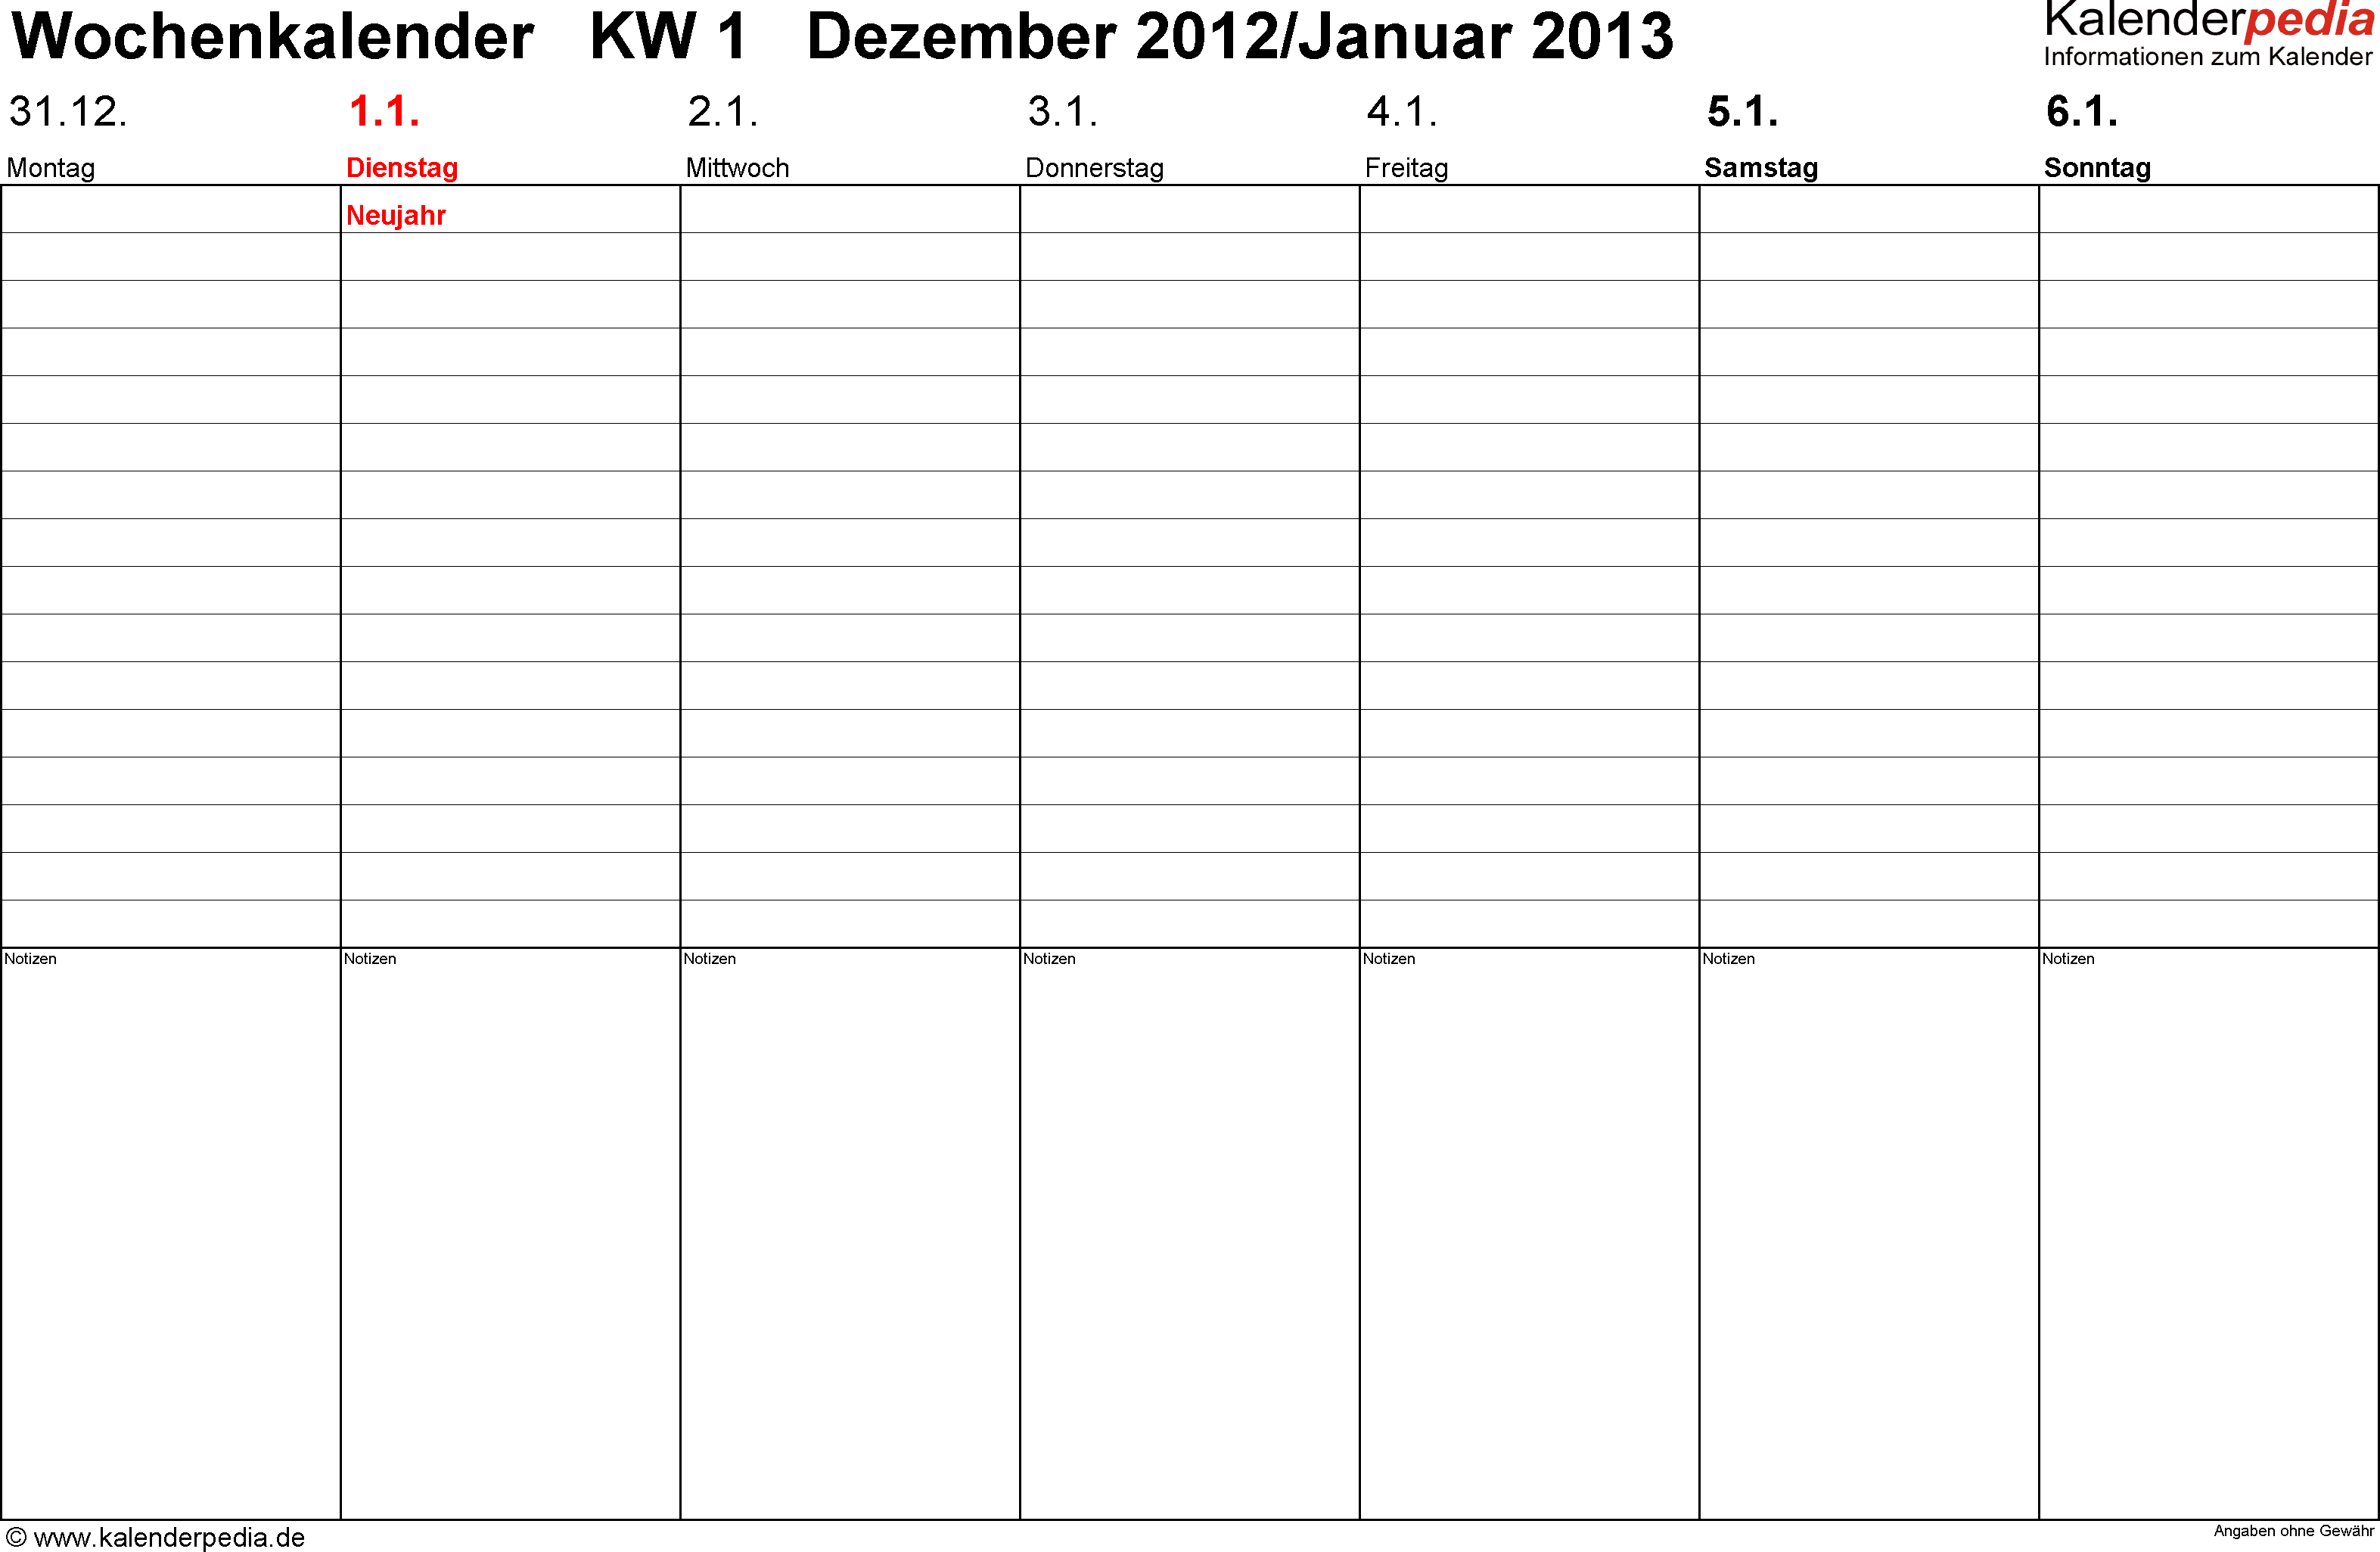 Vorlage 2: Wochenkalender 2013 als Excel-Vorlage, Querformat, Tage nebeneinander, 53 Seiten (1 Woche auf 1 Seite)